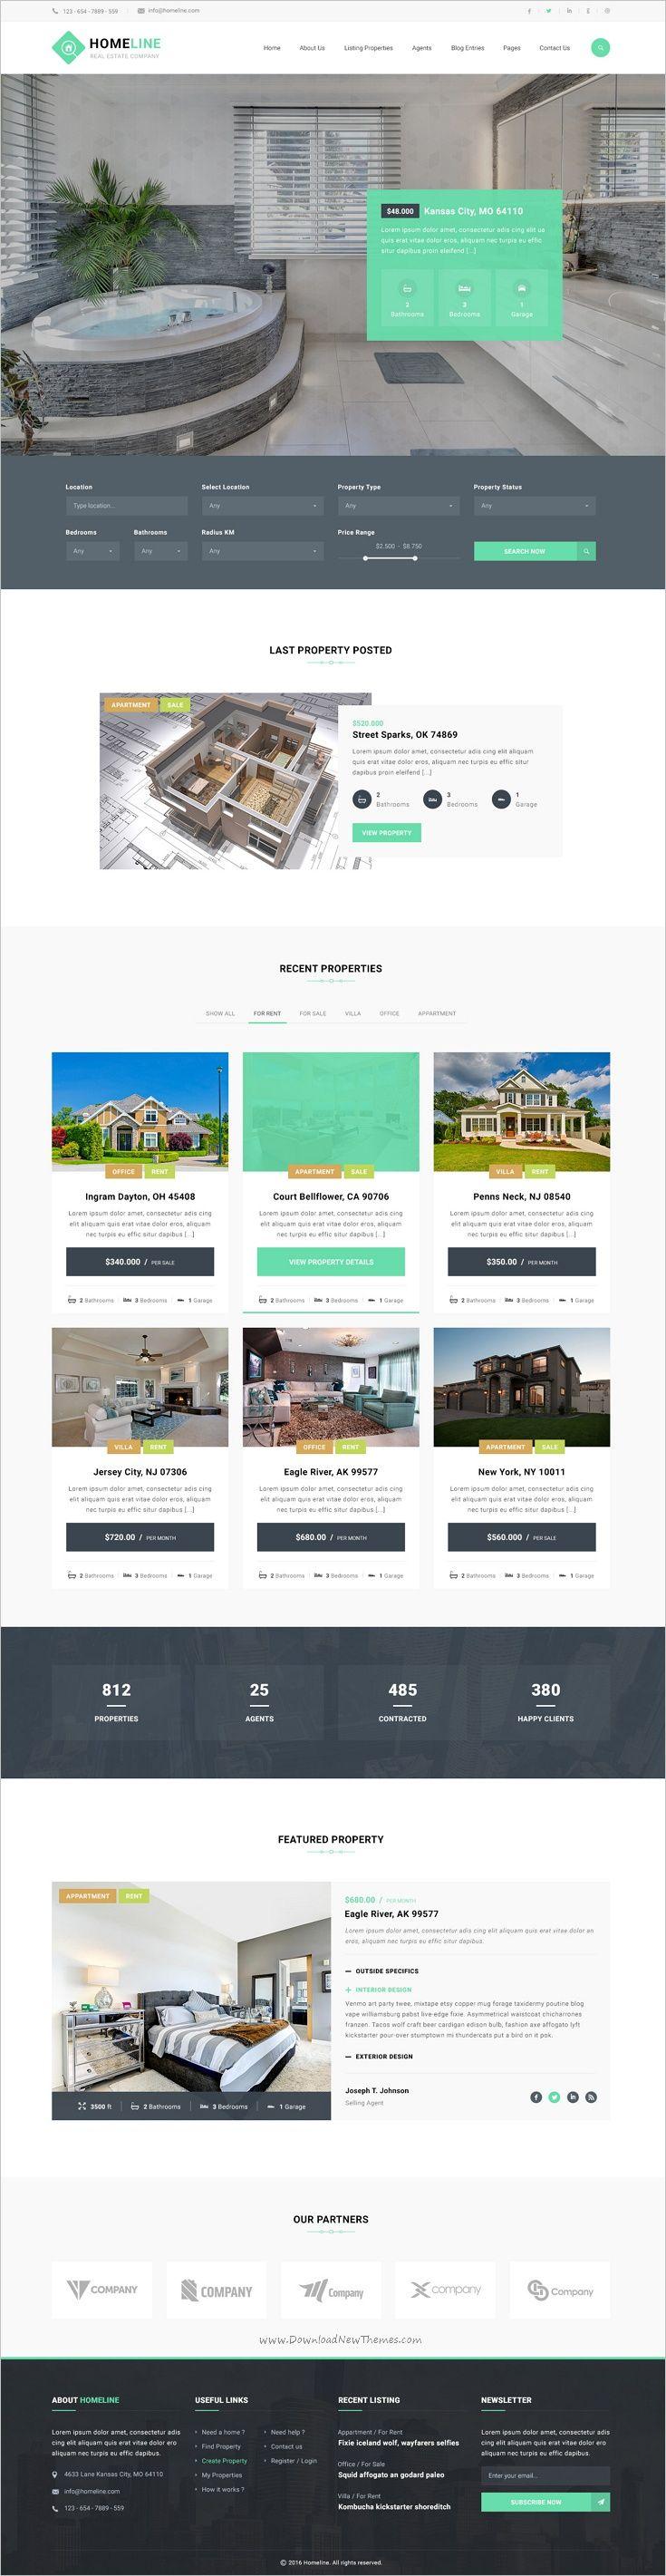 Colorado Real Estate Does It Rock Real Estate Website Design Real Estate Landing Pages Real Estates Design